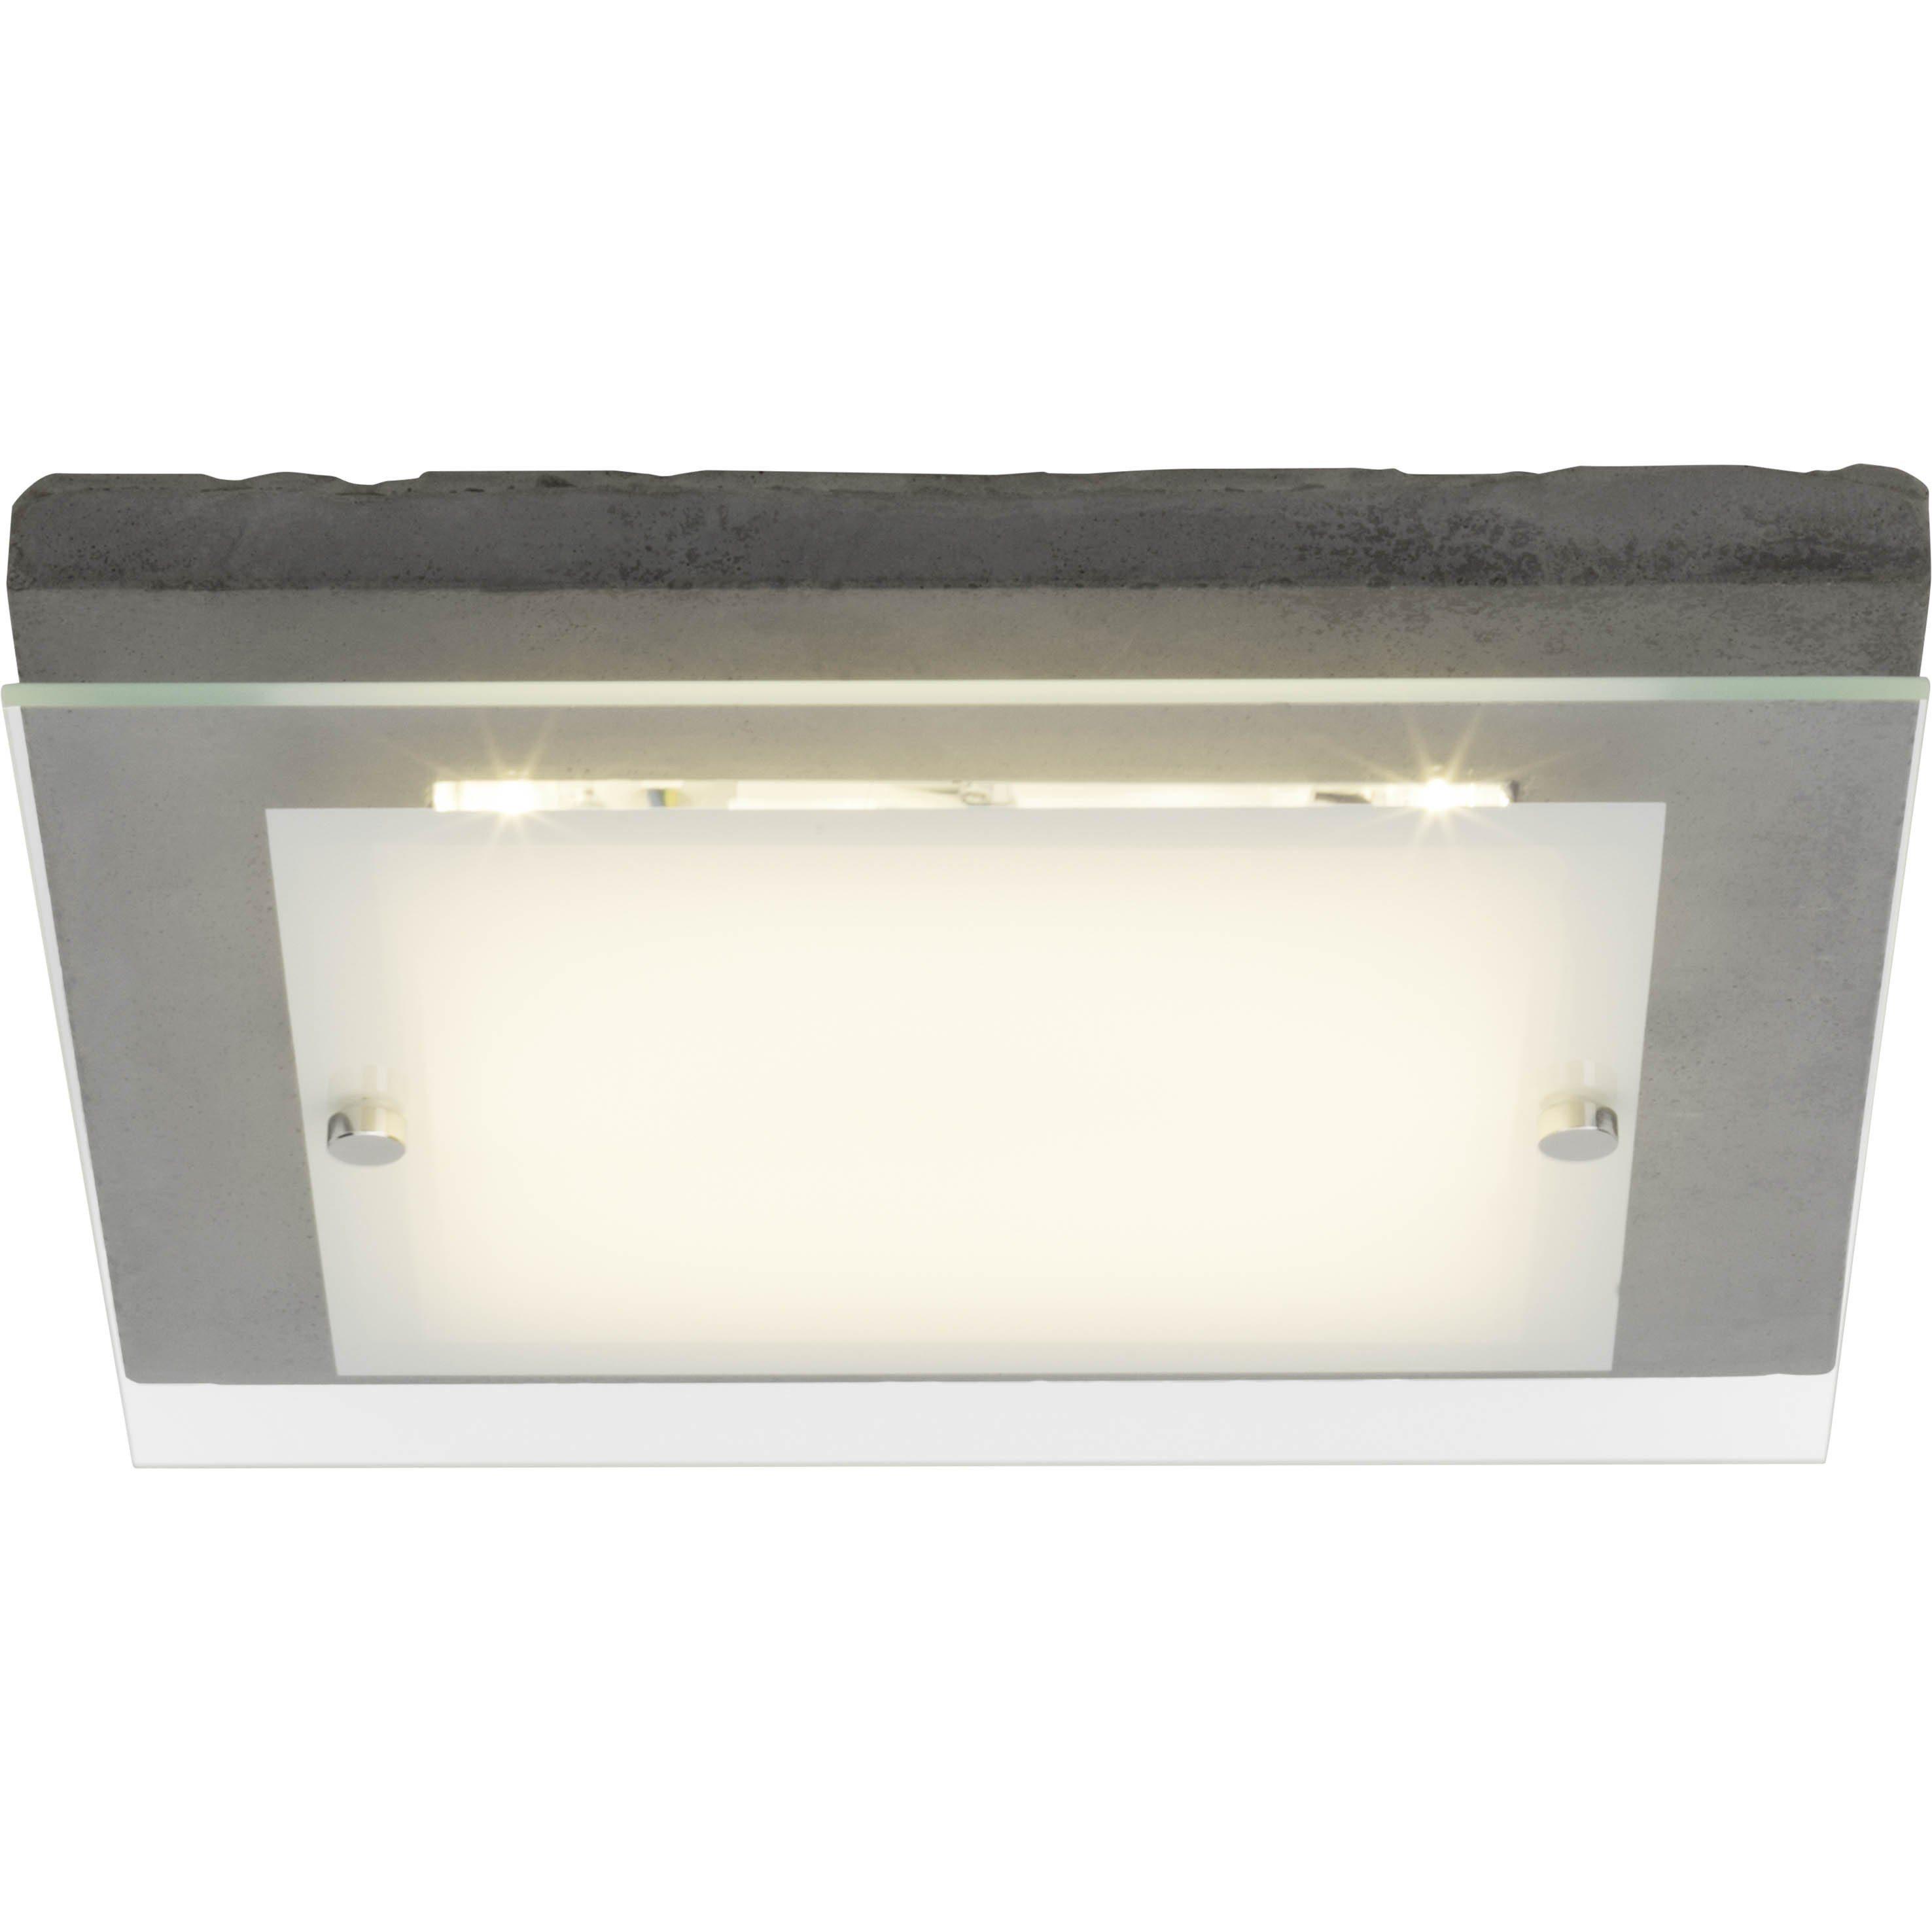 Brilliant Leuchten Hardwood LED Wand- und Deckenleuchte 29x29cm beton/weiß